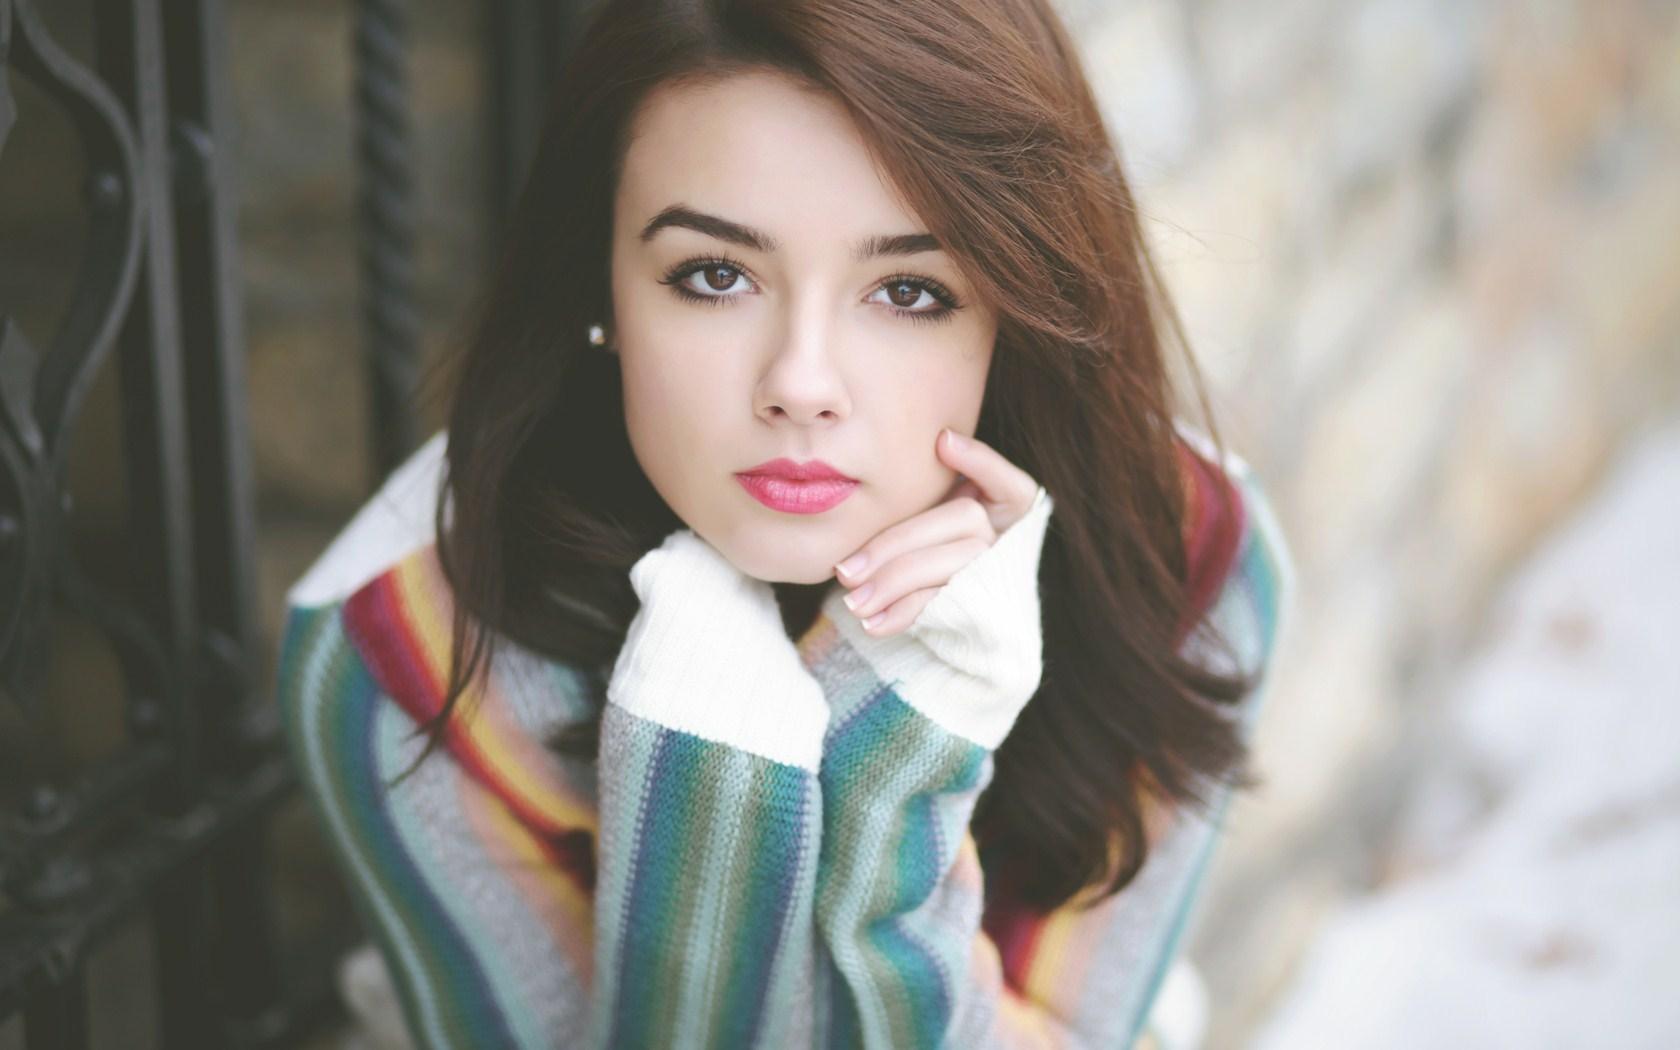 Hình ảnh gái đẹp xinh